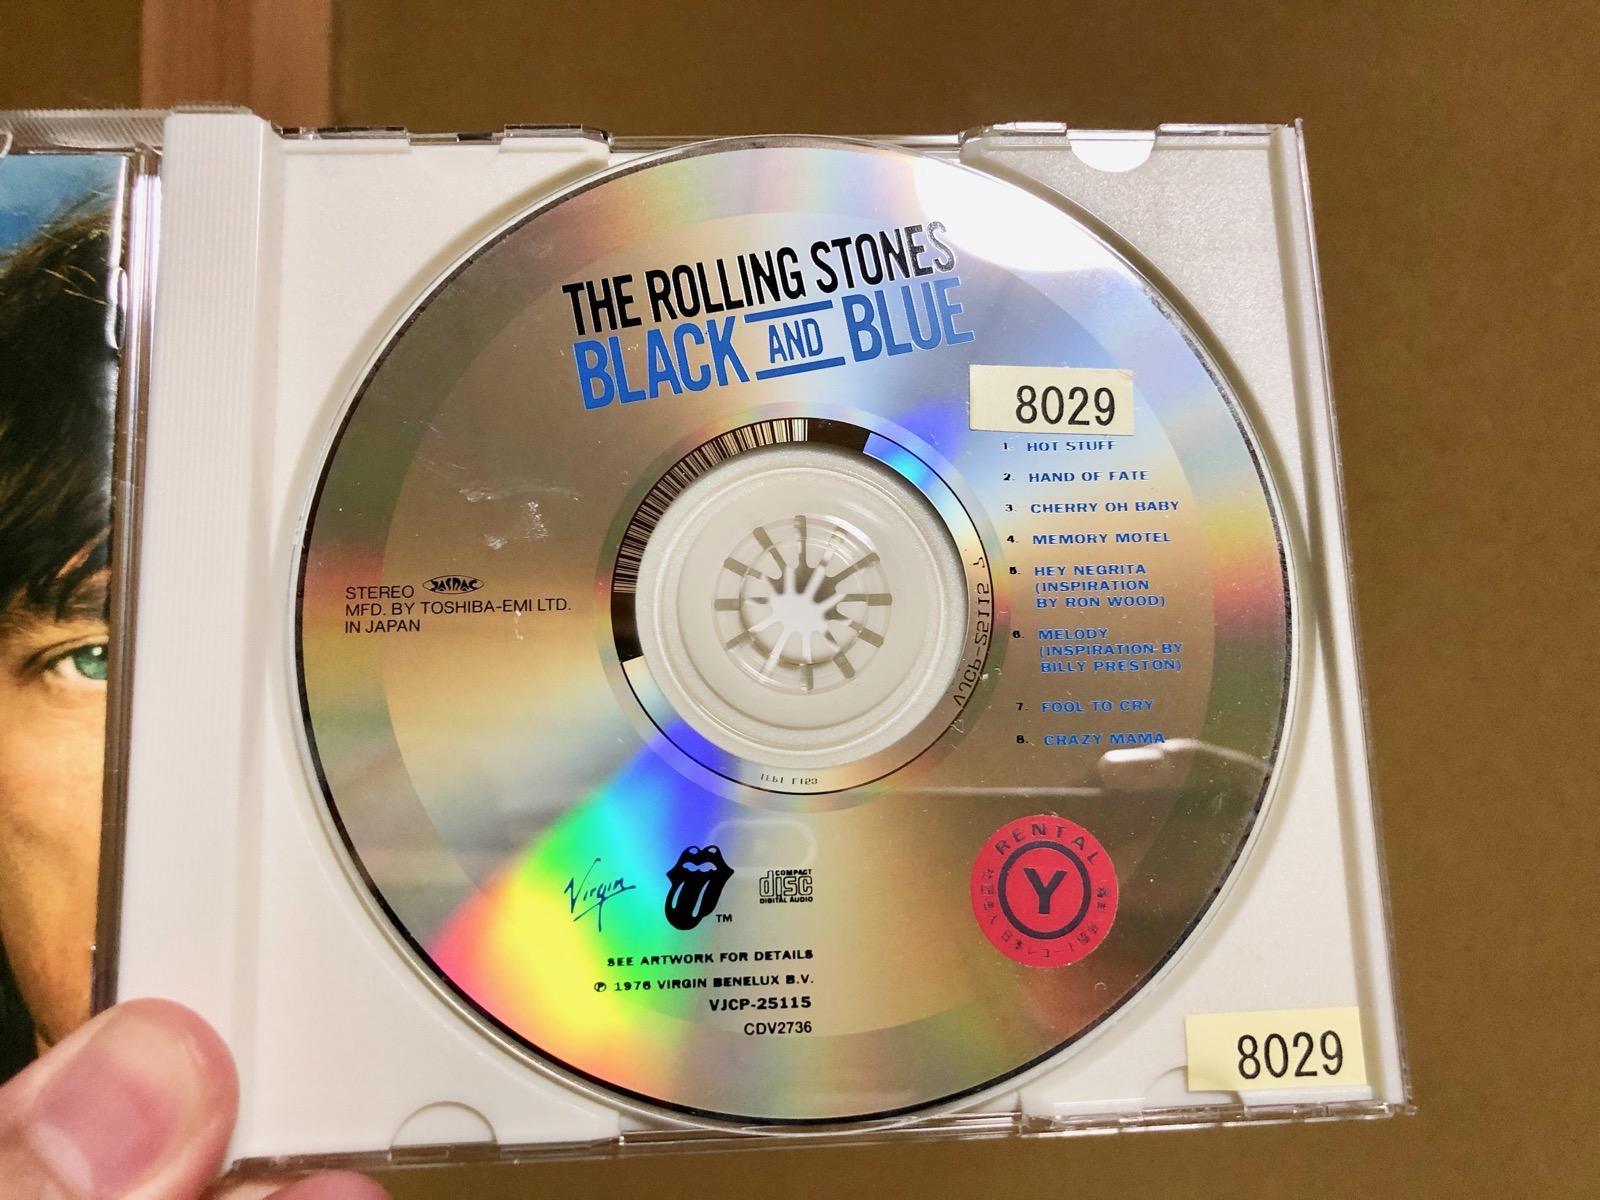 ブラック・アンド・ブルーのCDレーベル